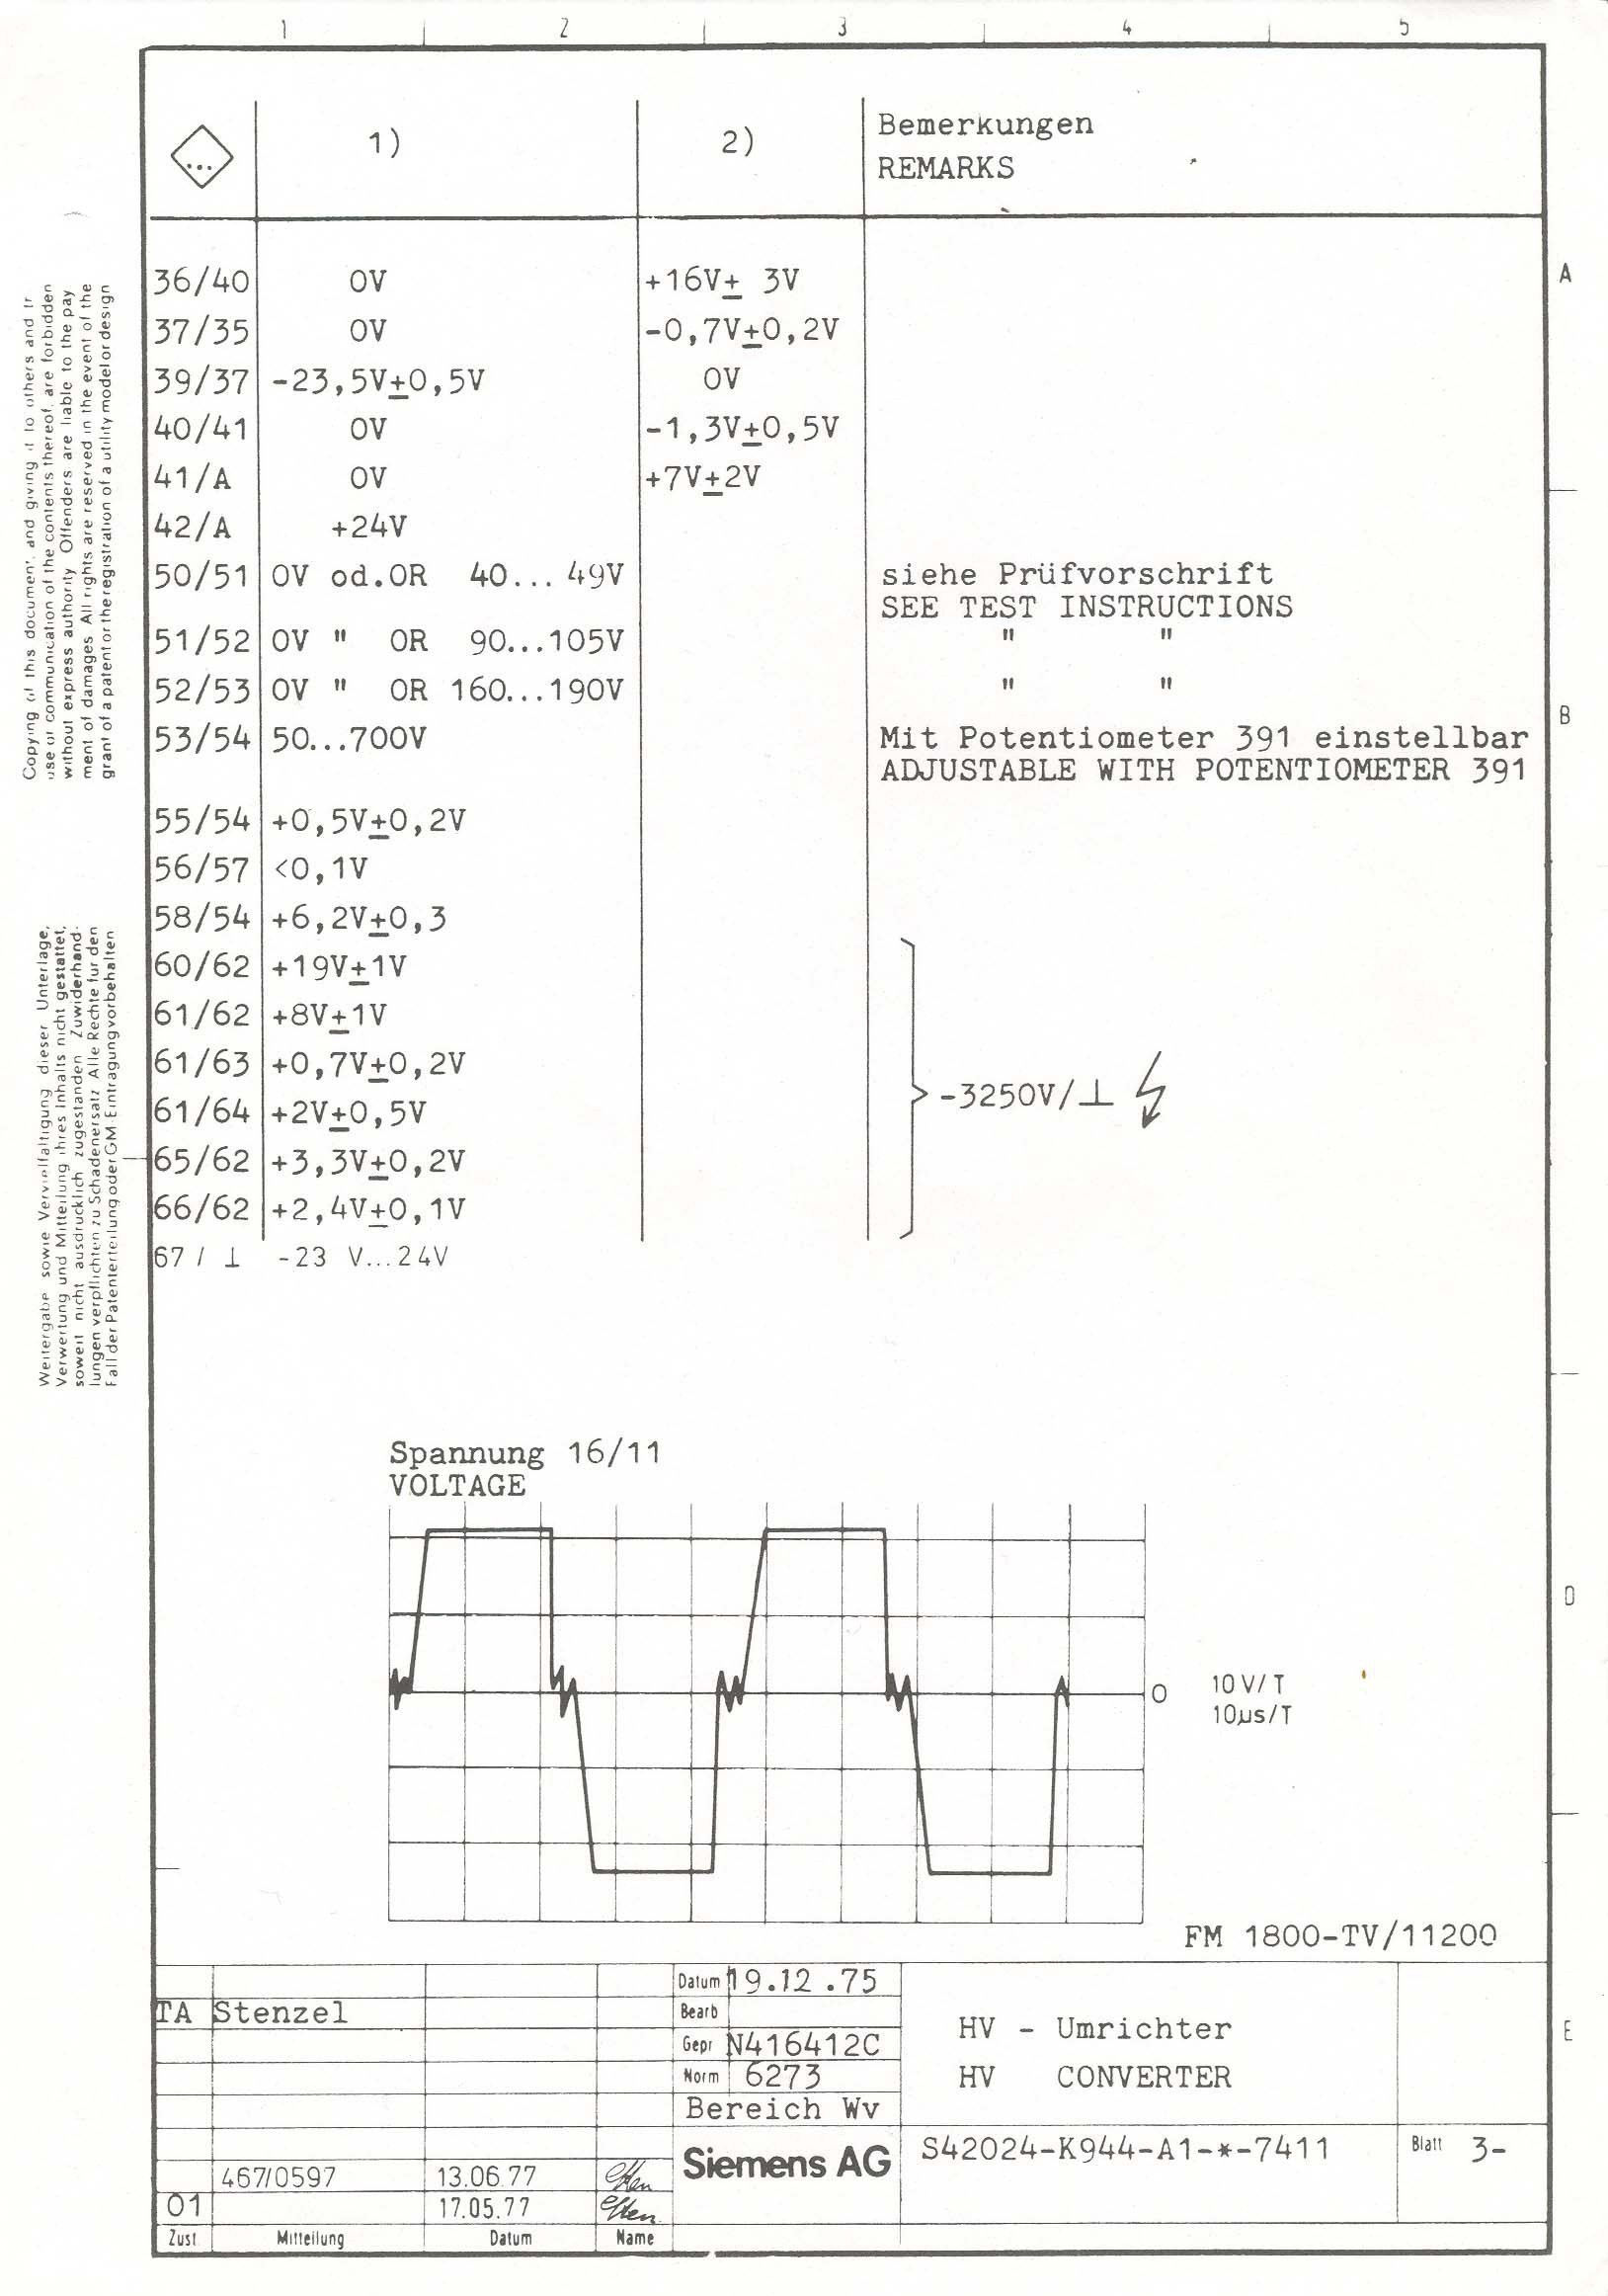 4 Prong Twist Lock Plug Wiring Diagram - Shahsramblings - 240V Plug Wiring Diagram